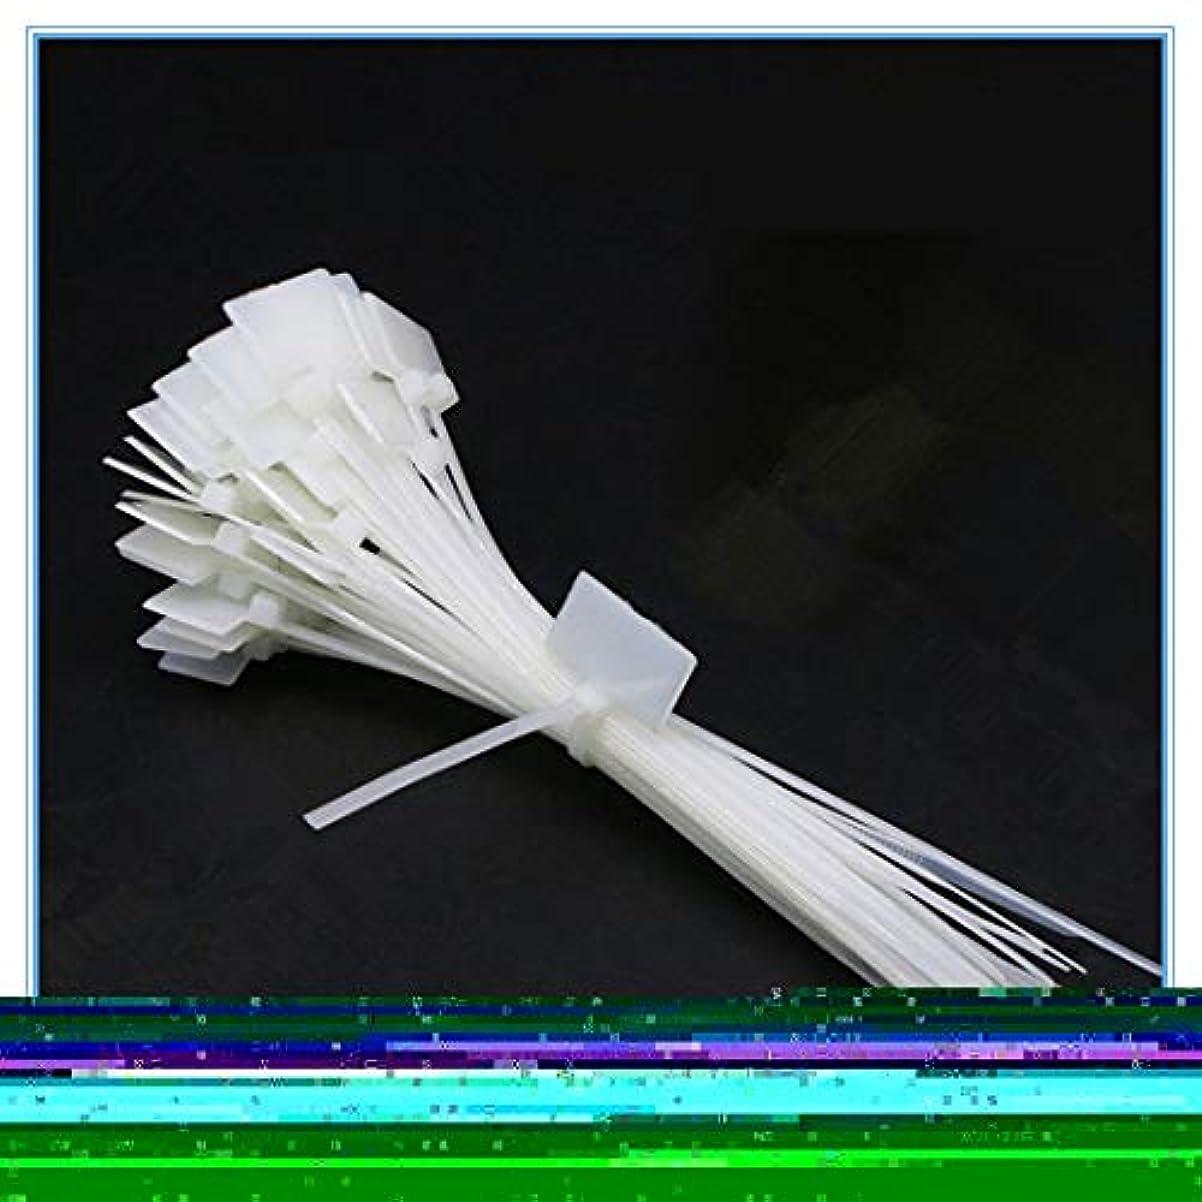 社会主義勘違いするギャングケーブルタイ 50pcsのナイロンタイタグセルフロックネットワークケーブルジップトリムラップループワイヤーストラップラベル JPLLYY (Color : 白, Size : 4x150mm)